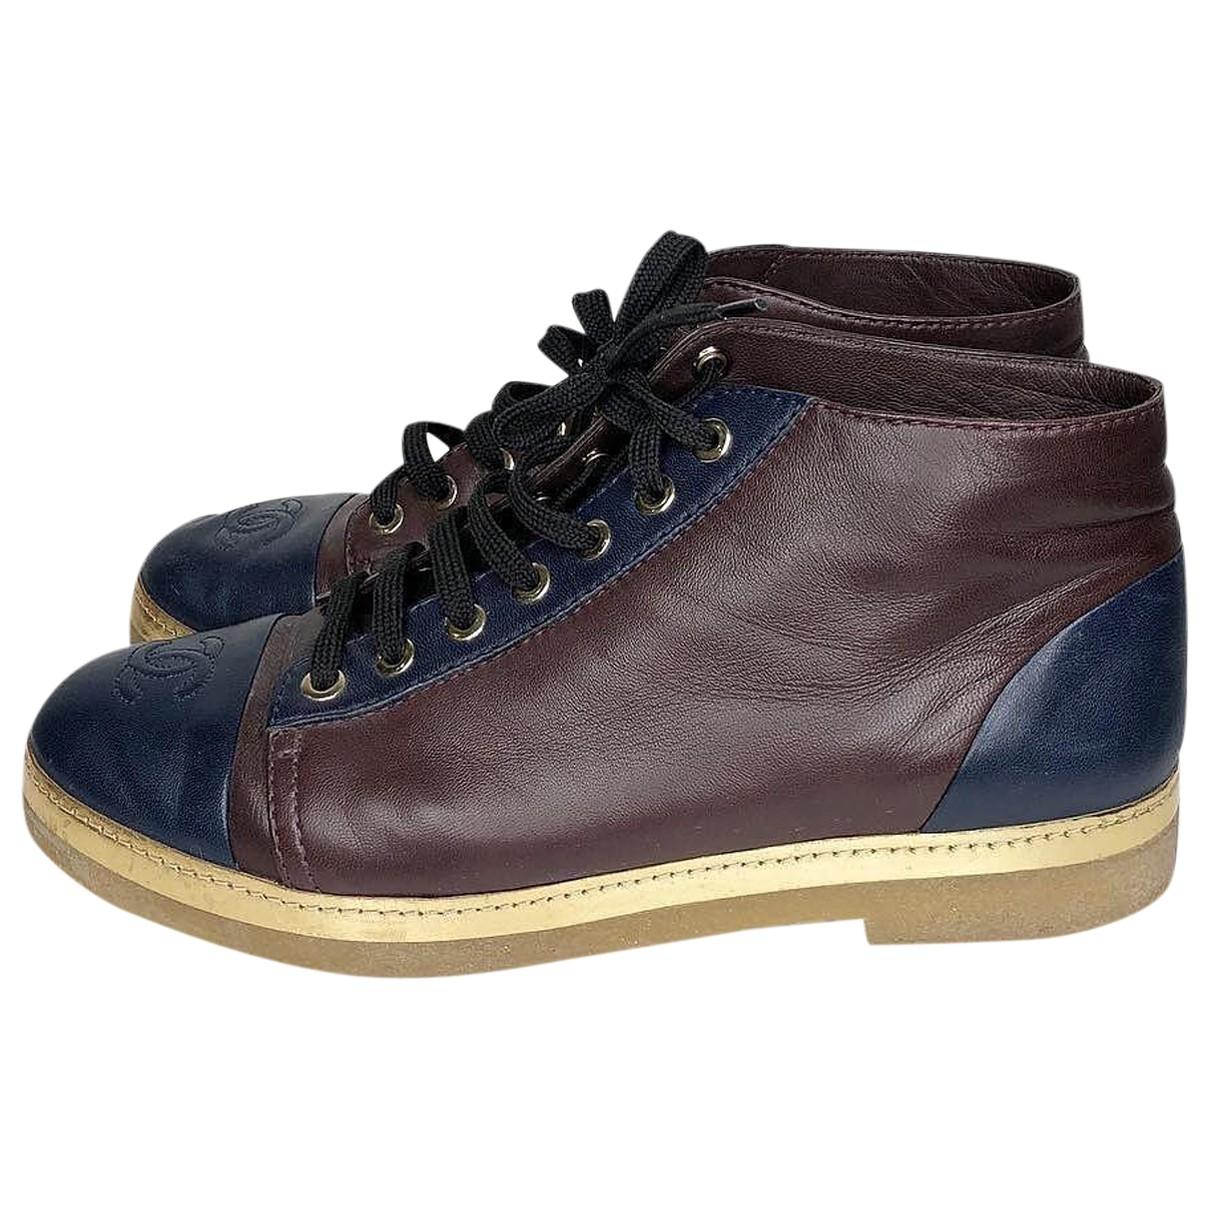 Chanel \N Sneakers in  Braun Leder